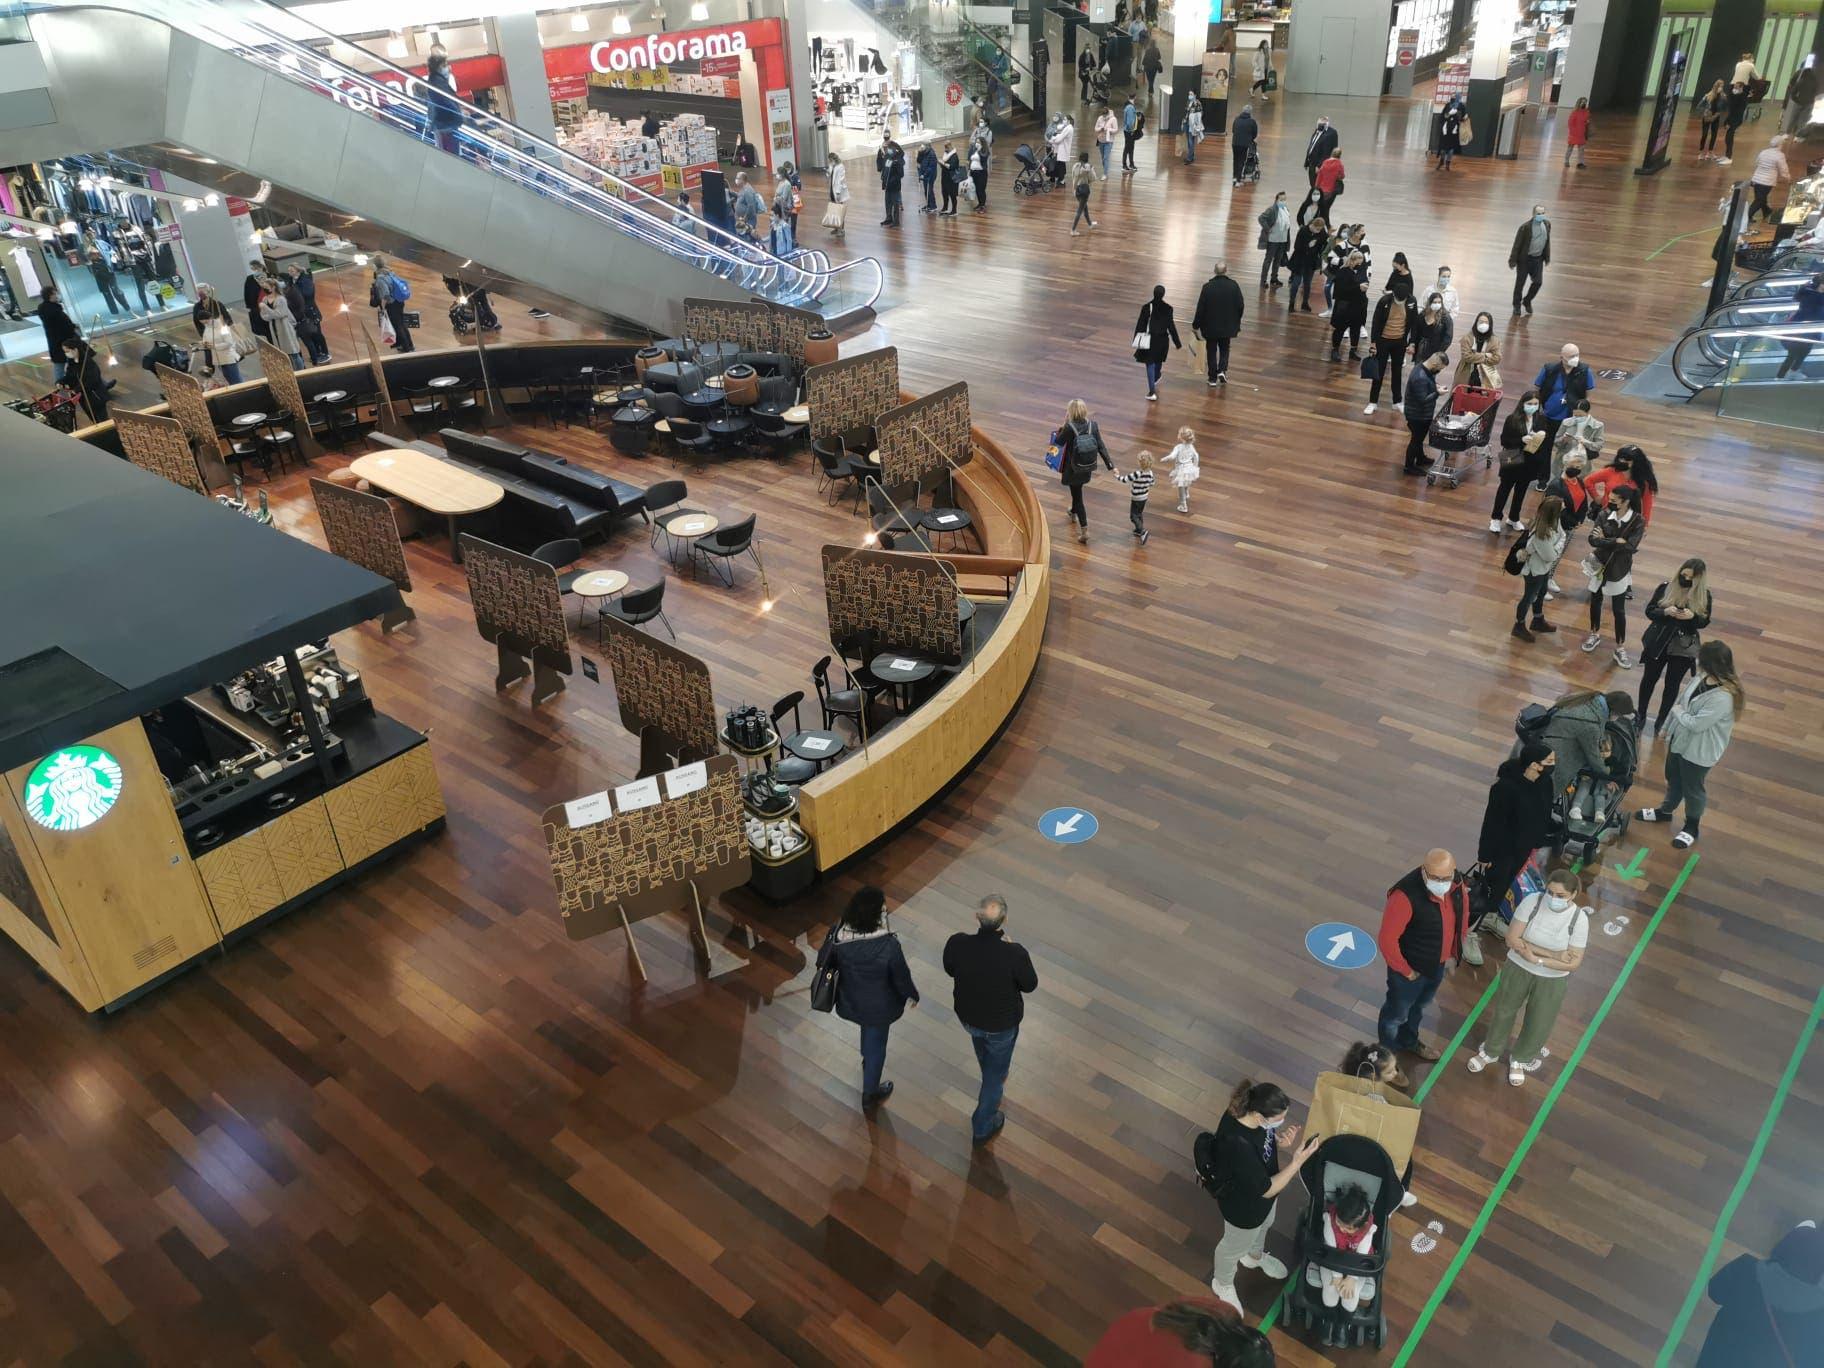 Um ins C&A oder Zara zu gelangen, stellen sich die Kundinnen und Kunden gerne an.